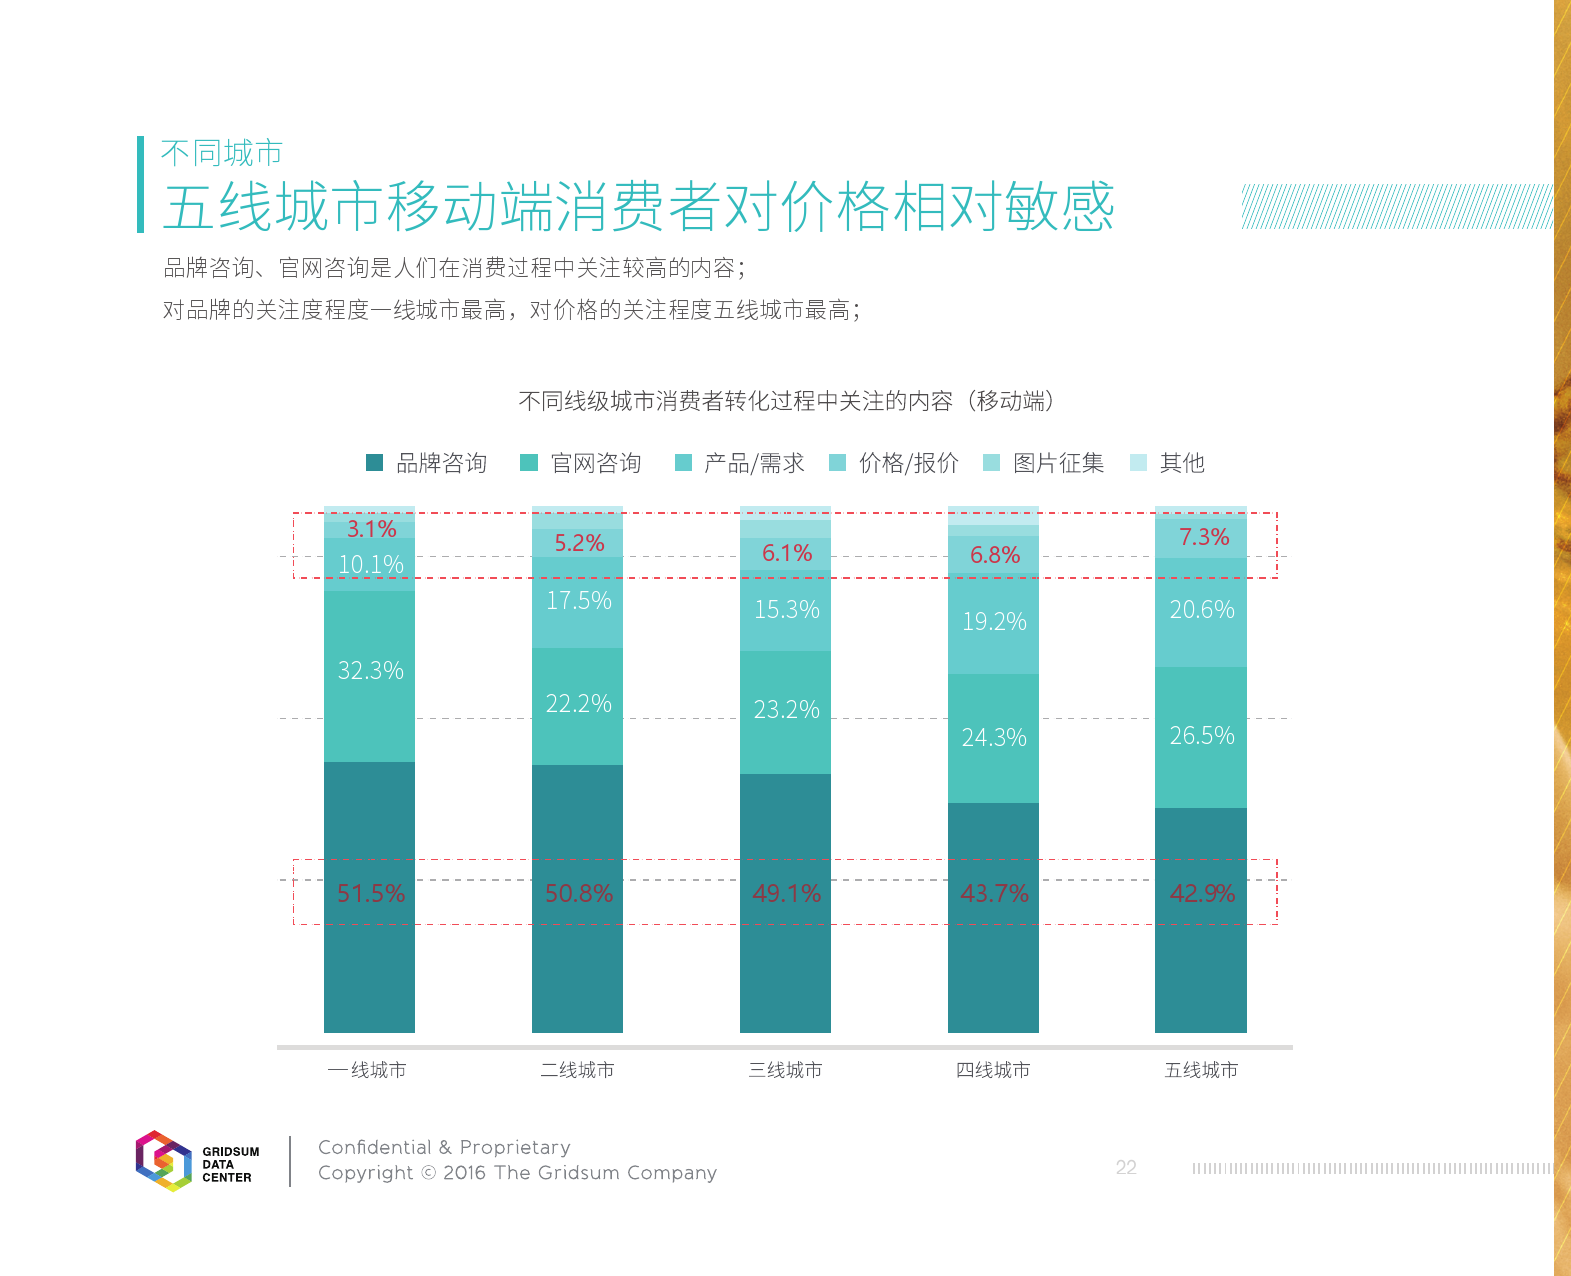 2015中国互联网发展报告_000024